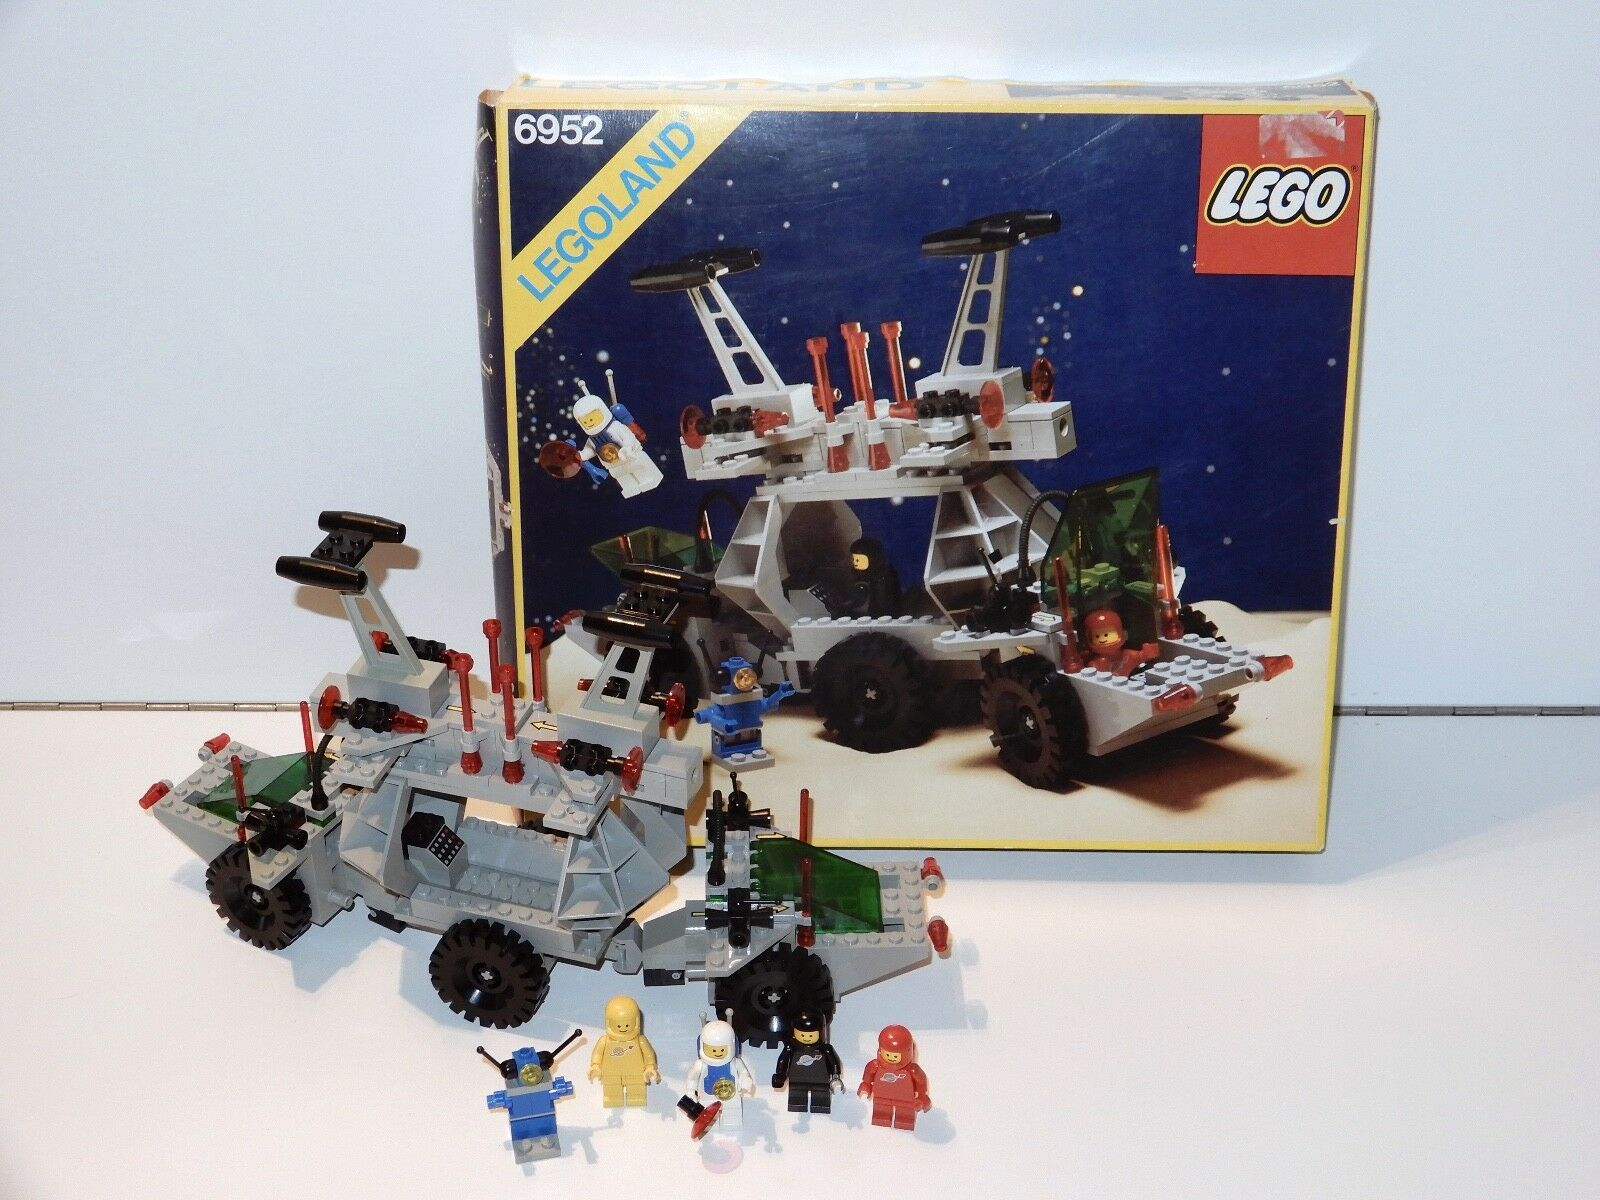 ti renderà soddisfatto LEGO spazio No 6952 SOLAR energia energia energia TRANSPORTER 100% completare w  scatola + INSTRUCTIONS  essere molto richiesto